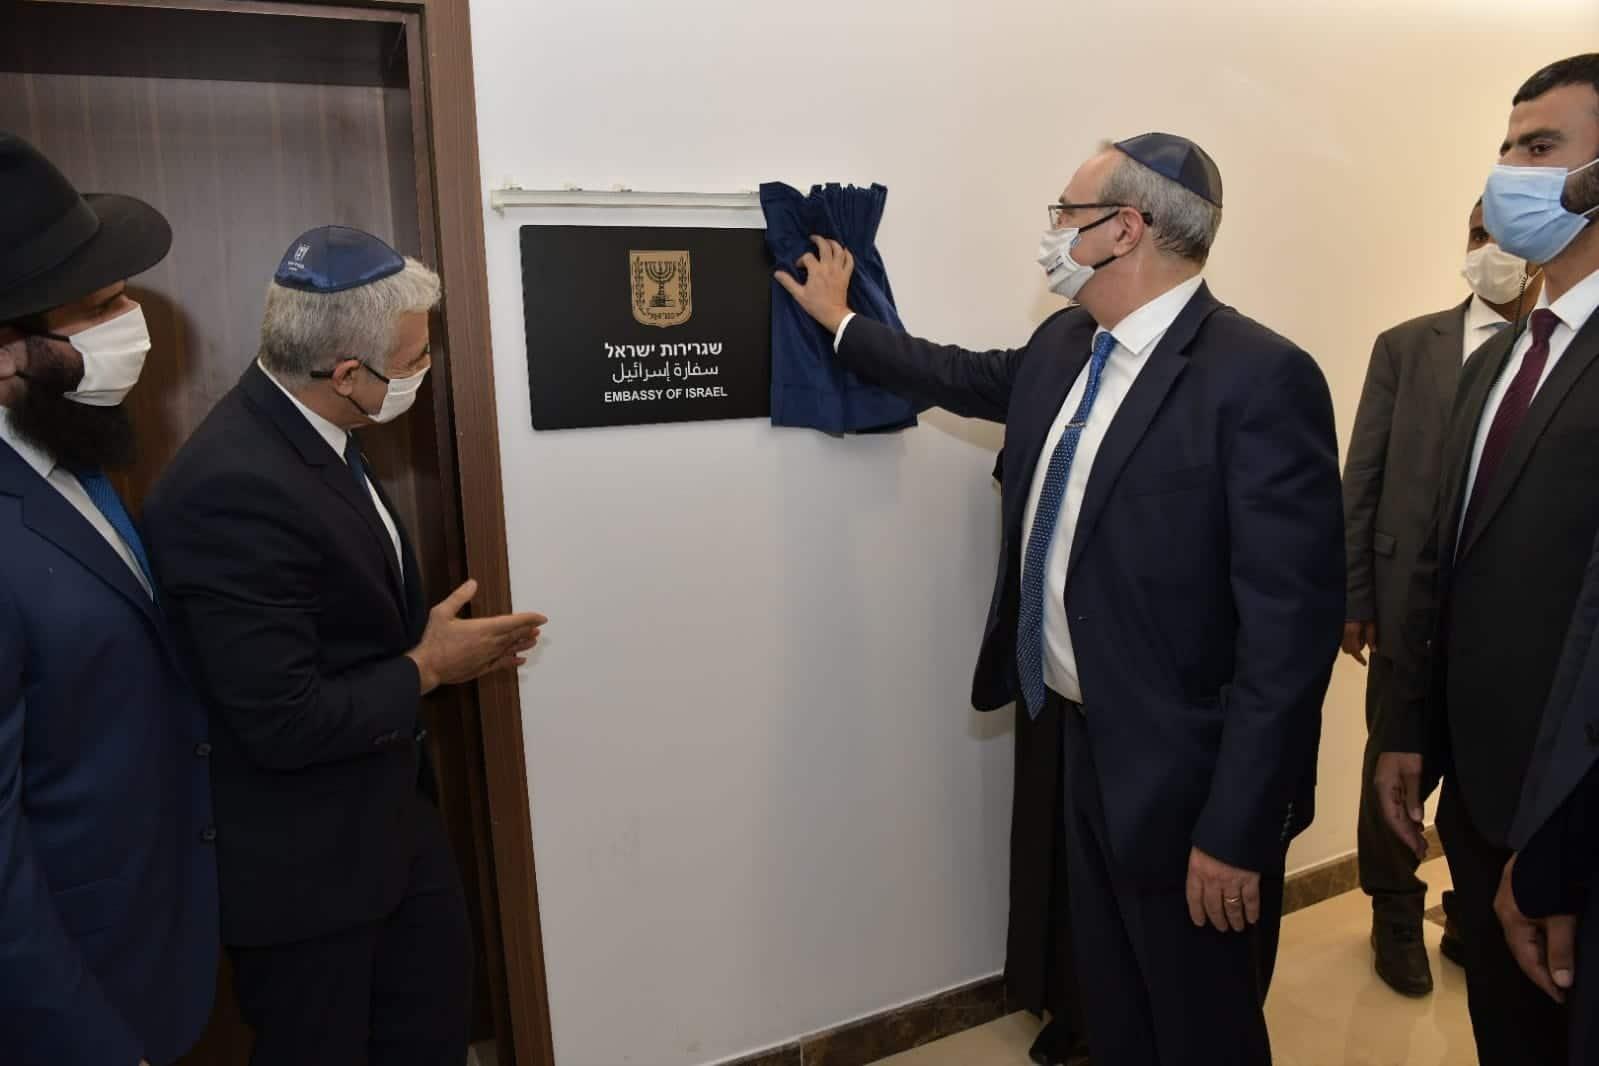 """المسؤولون الإسرائيليون ارتدوا جميعا """"الكيبا"""" اليهودية أثناء افتتاحهم سفارة إسرائيل بالإمارات.. لماذا؟"""